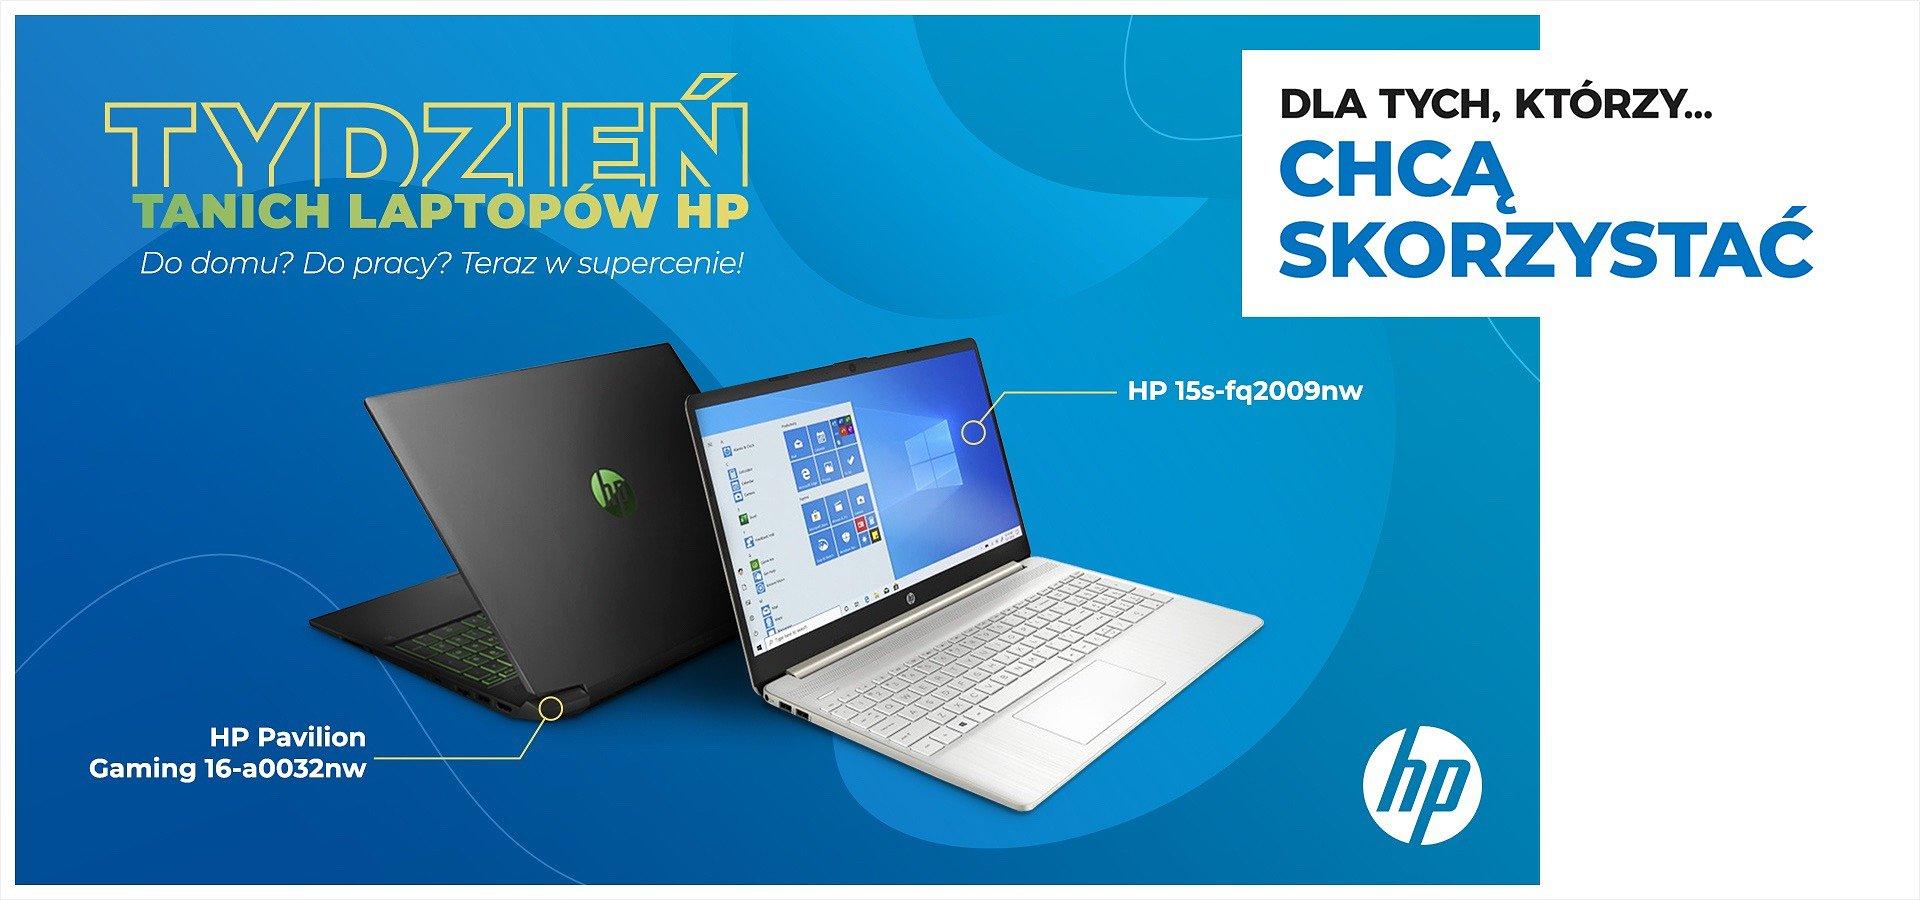 Startuje tydzień tanich laptopów HP!